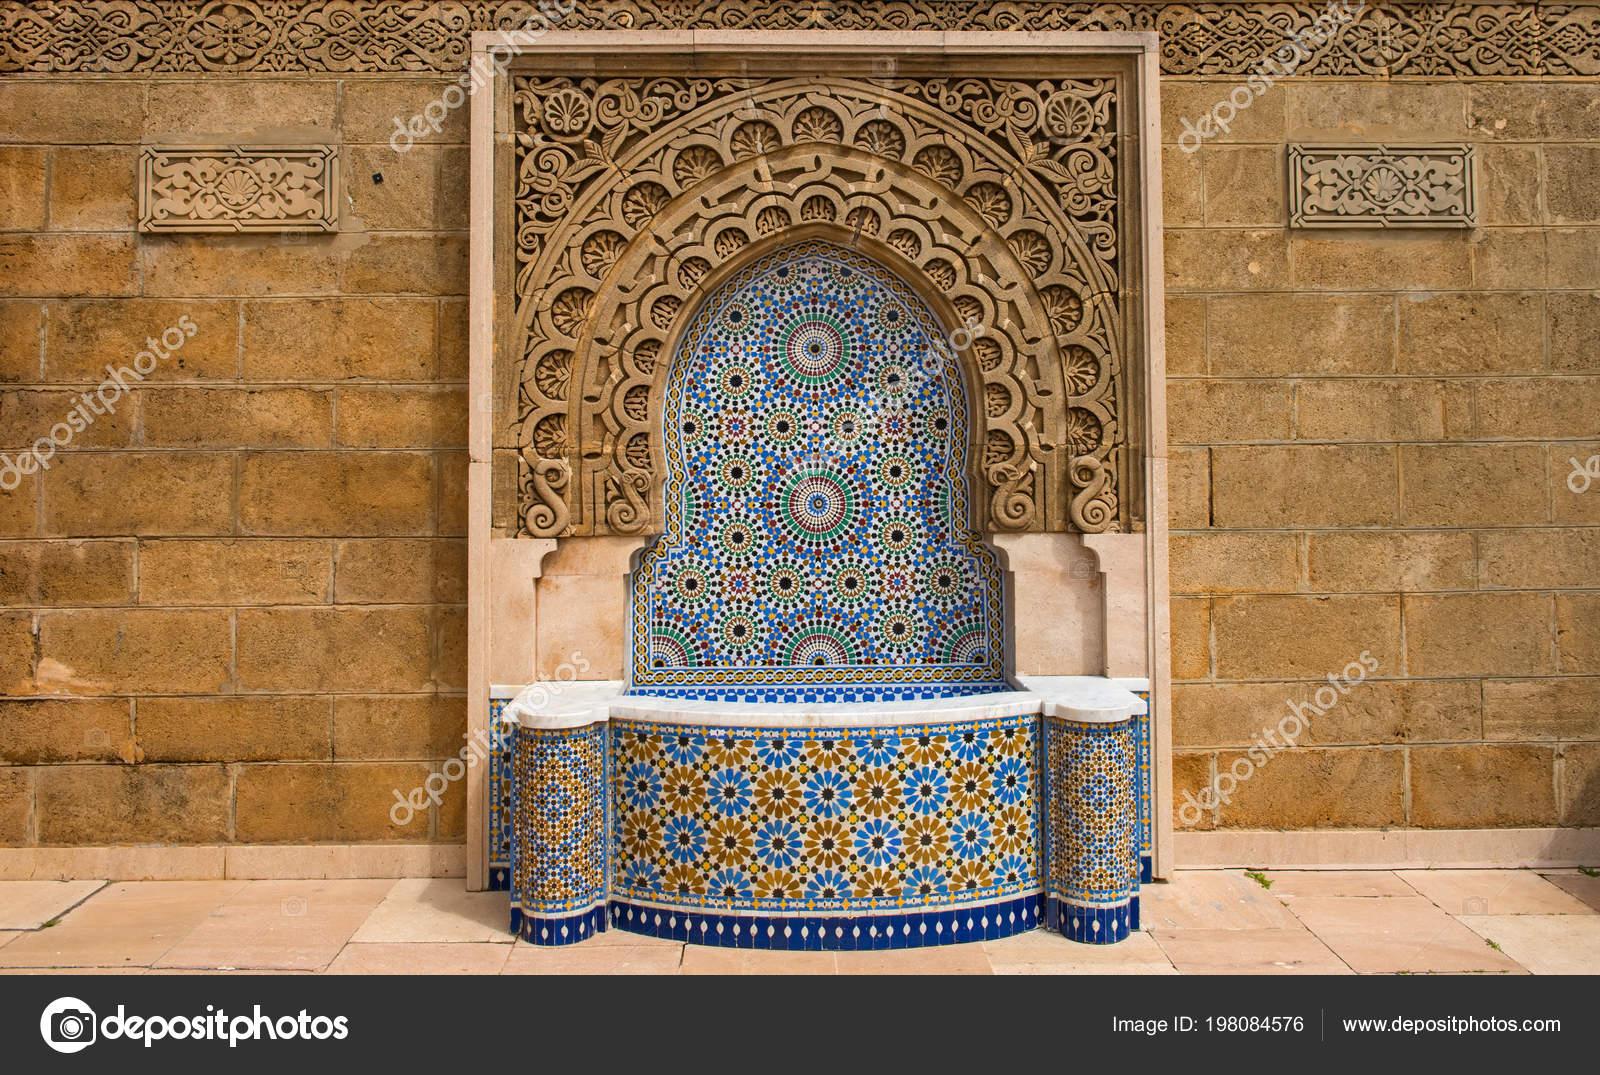 Fontana di marocco decorato con piastrelle a mosaico a rabat u2014 foto